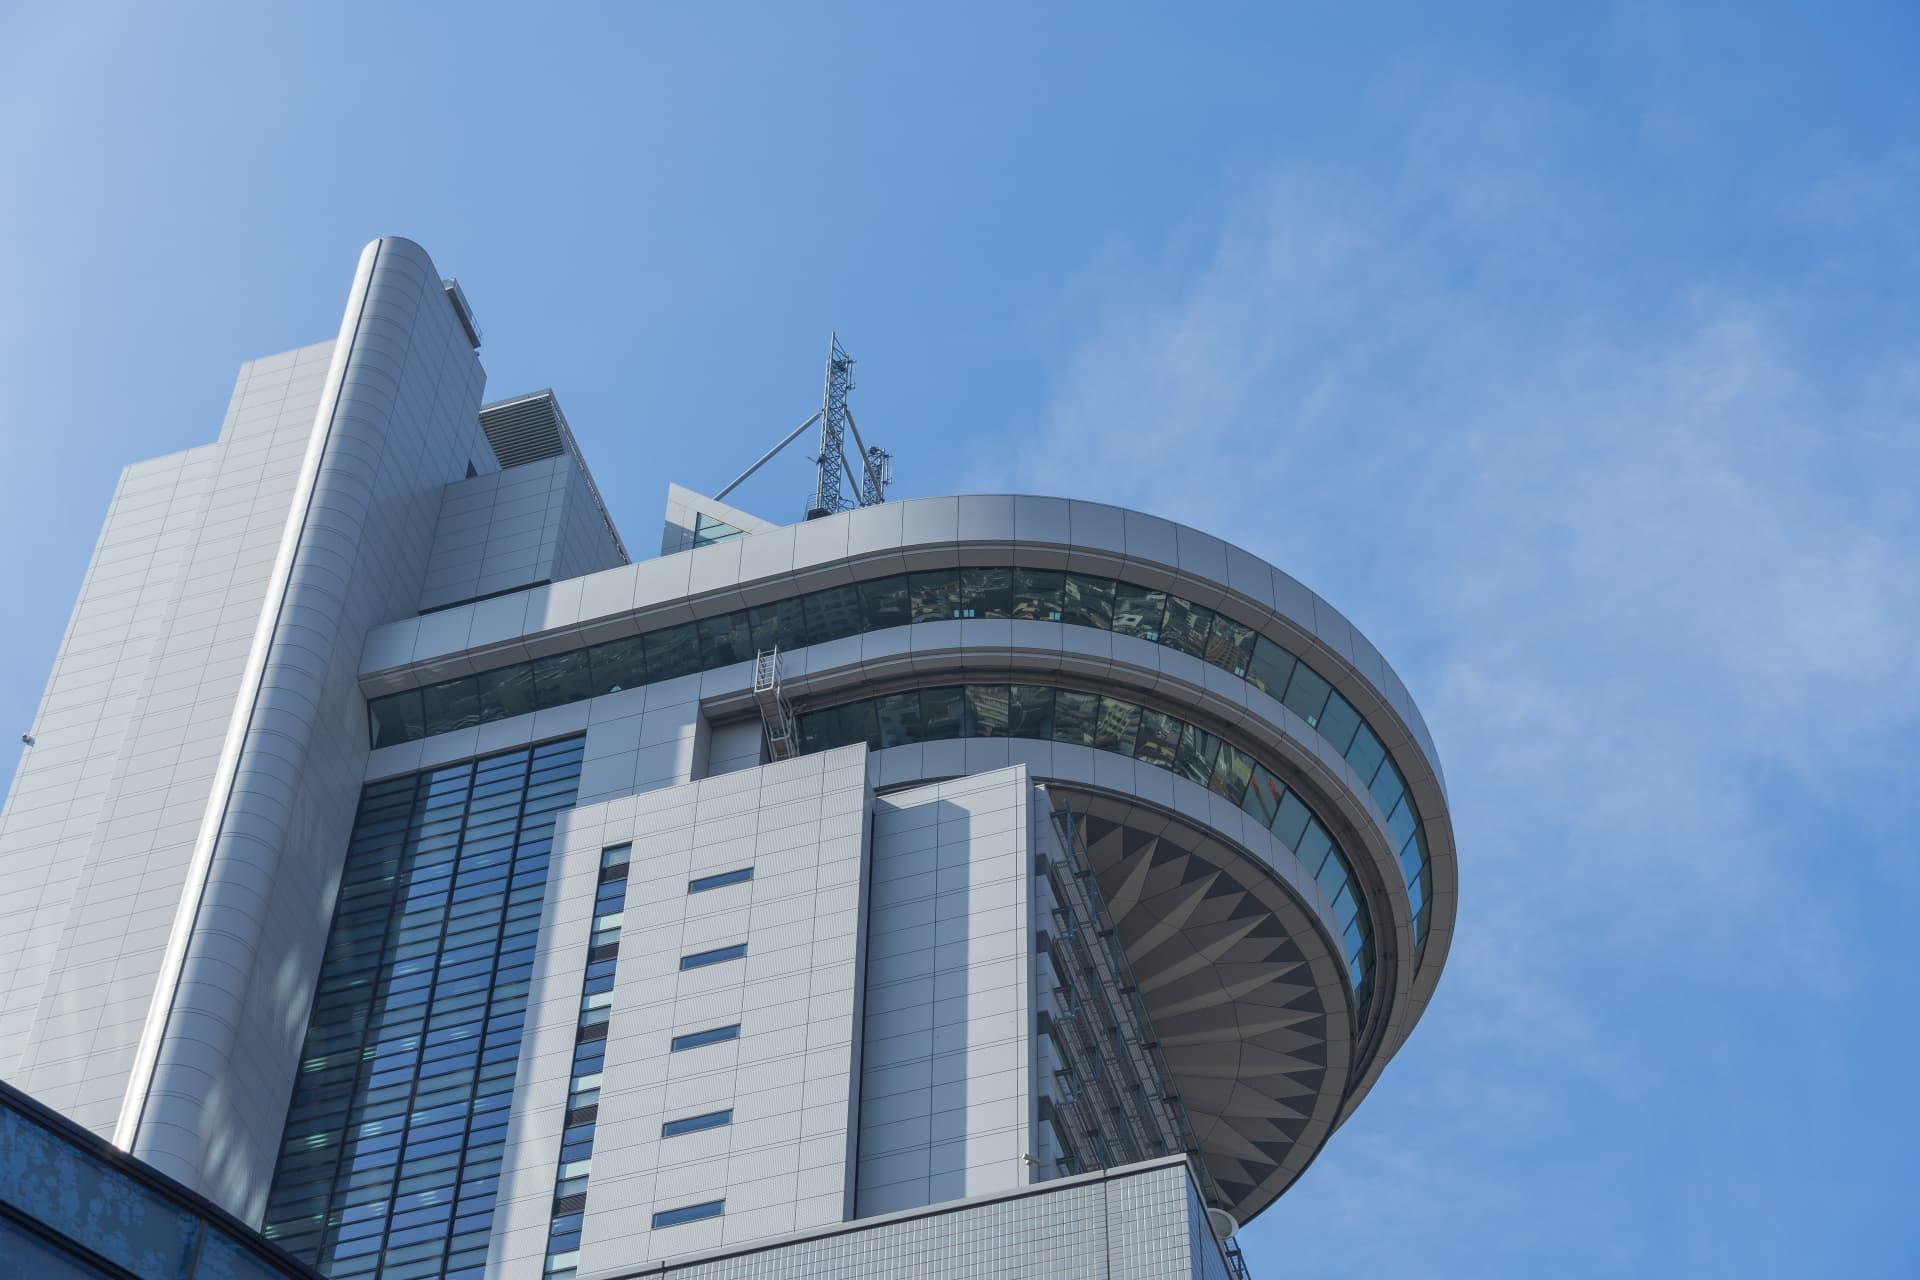 Bunkyo Civic Center Observation Lounge (CENTRO CÍVICO BUNKYO)AKIHABARA